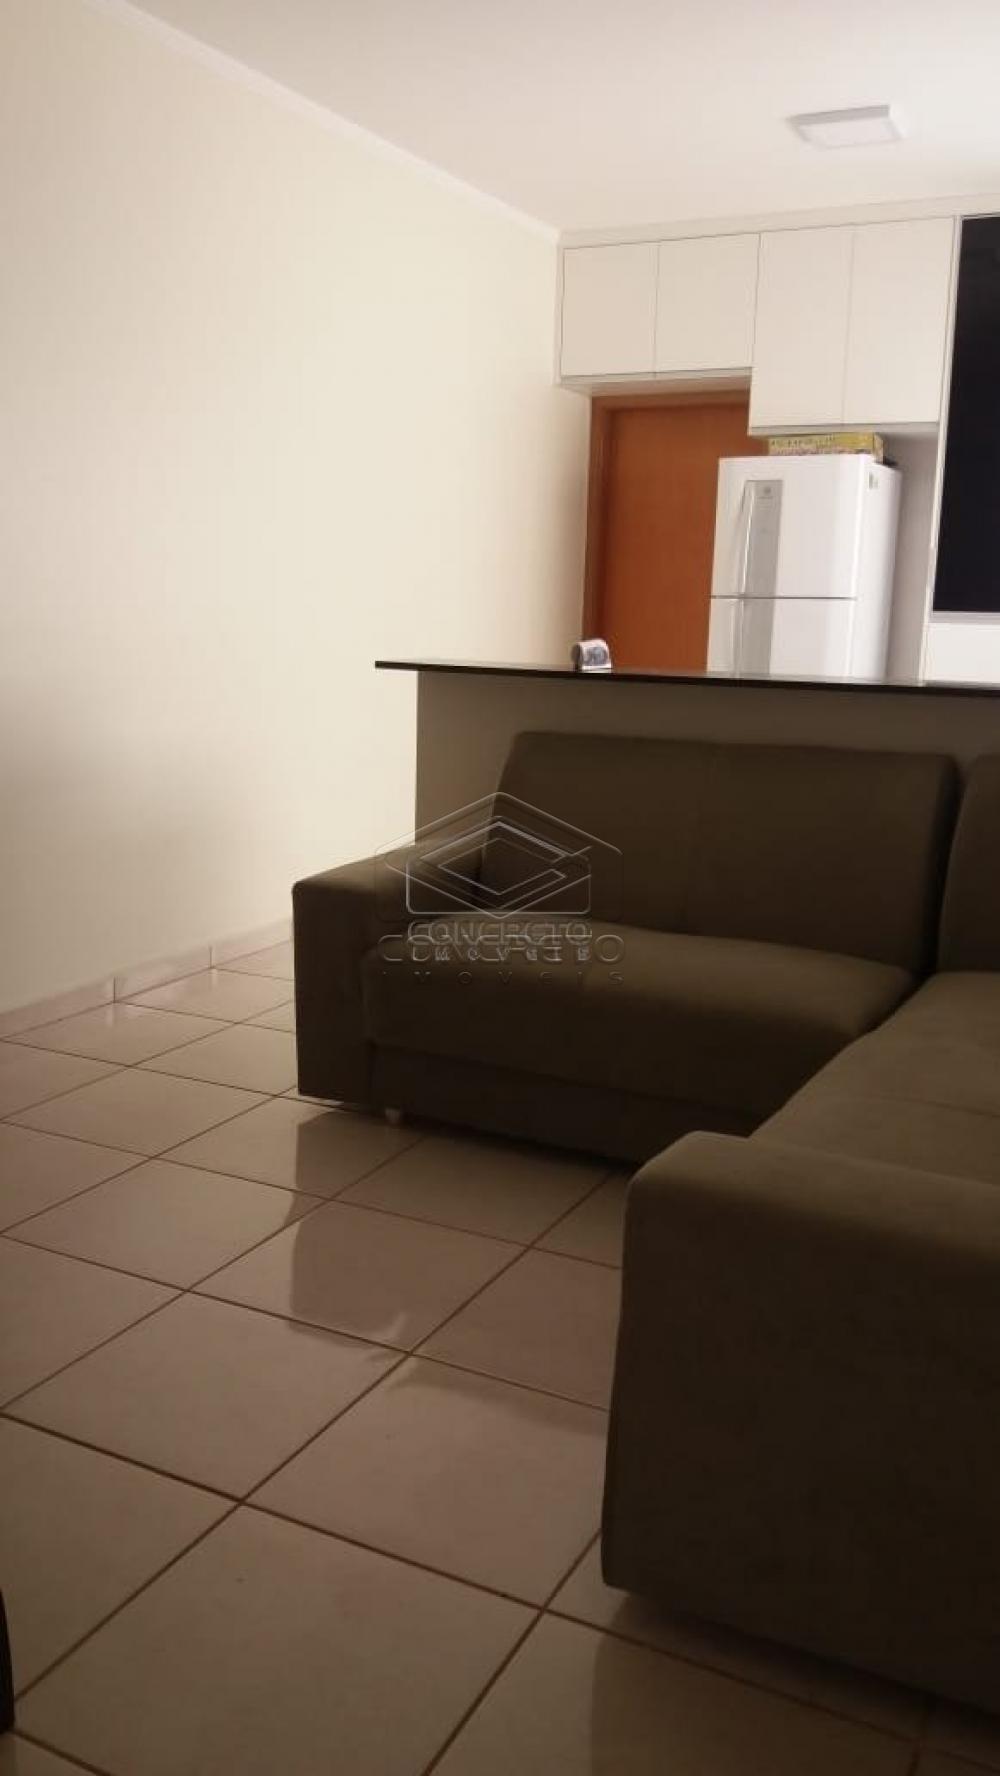 Alugar Casa / Padrão em Bauru apenas R$ 951,00 - Foto 8